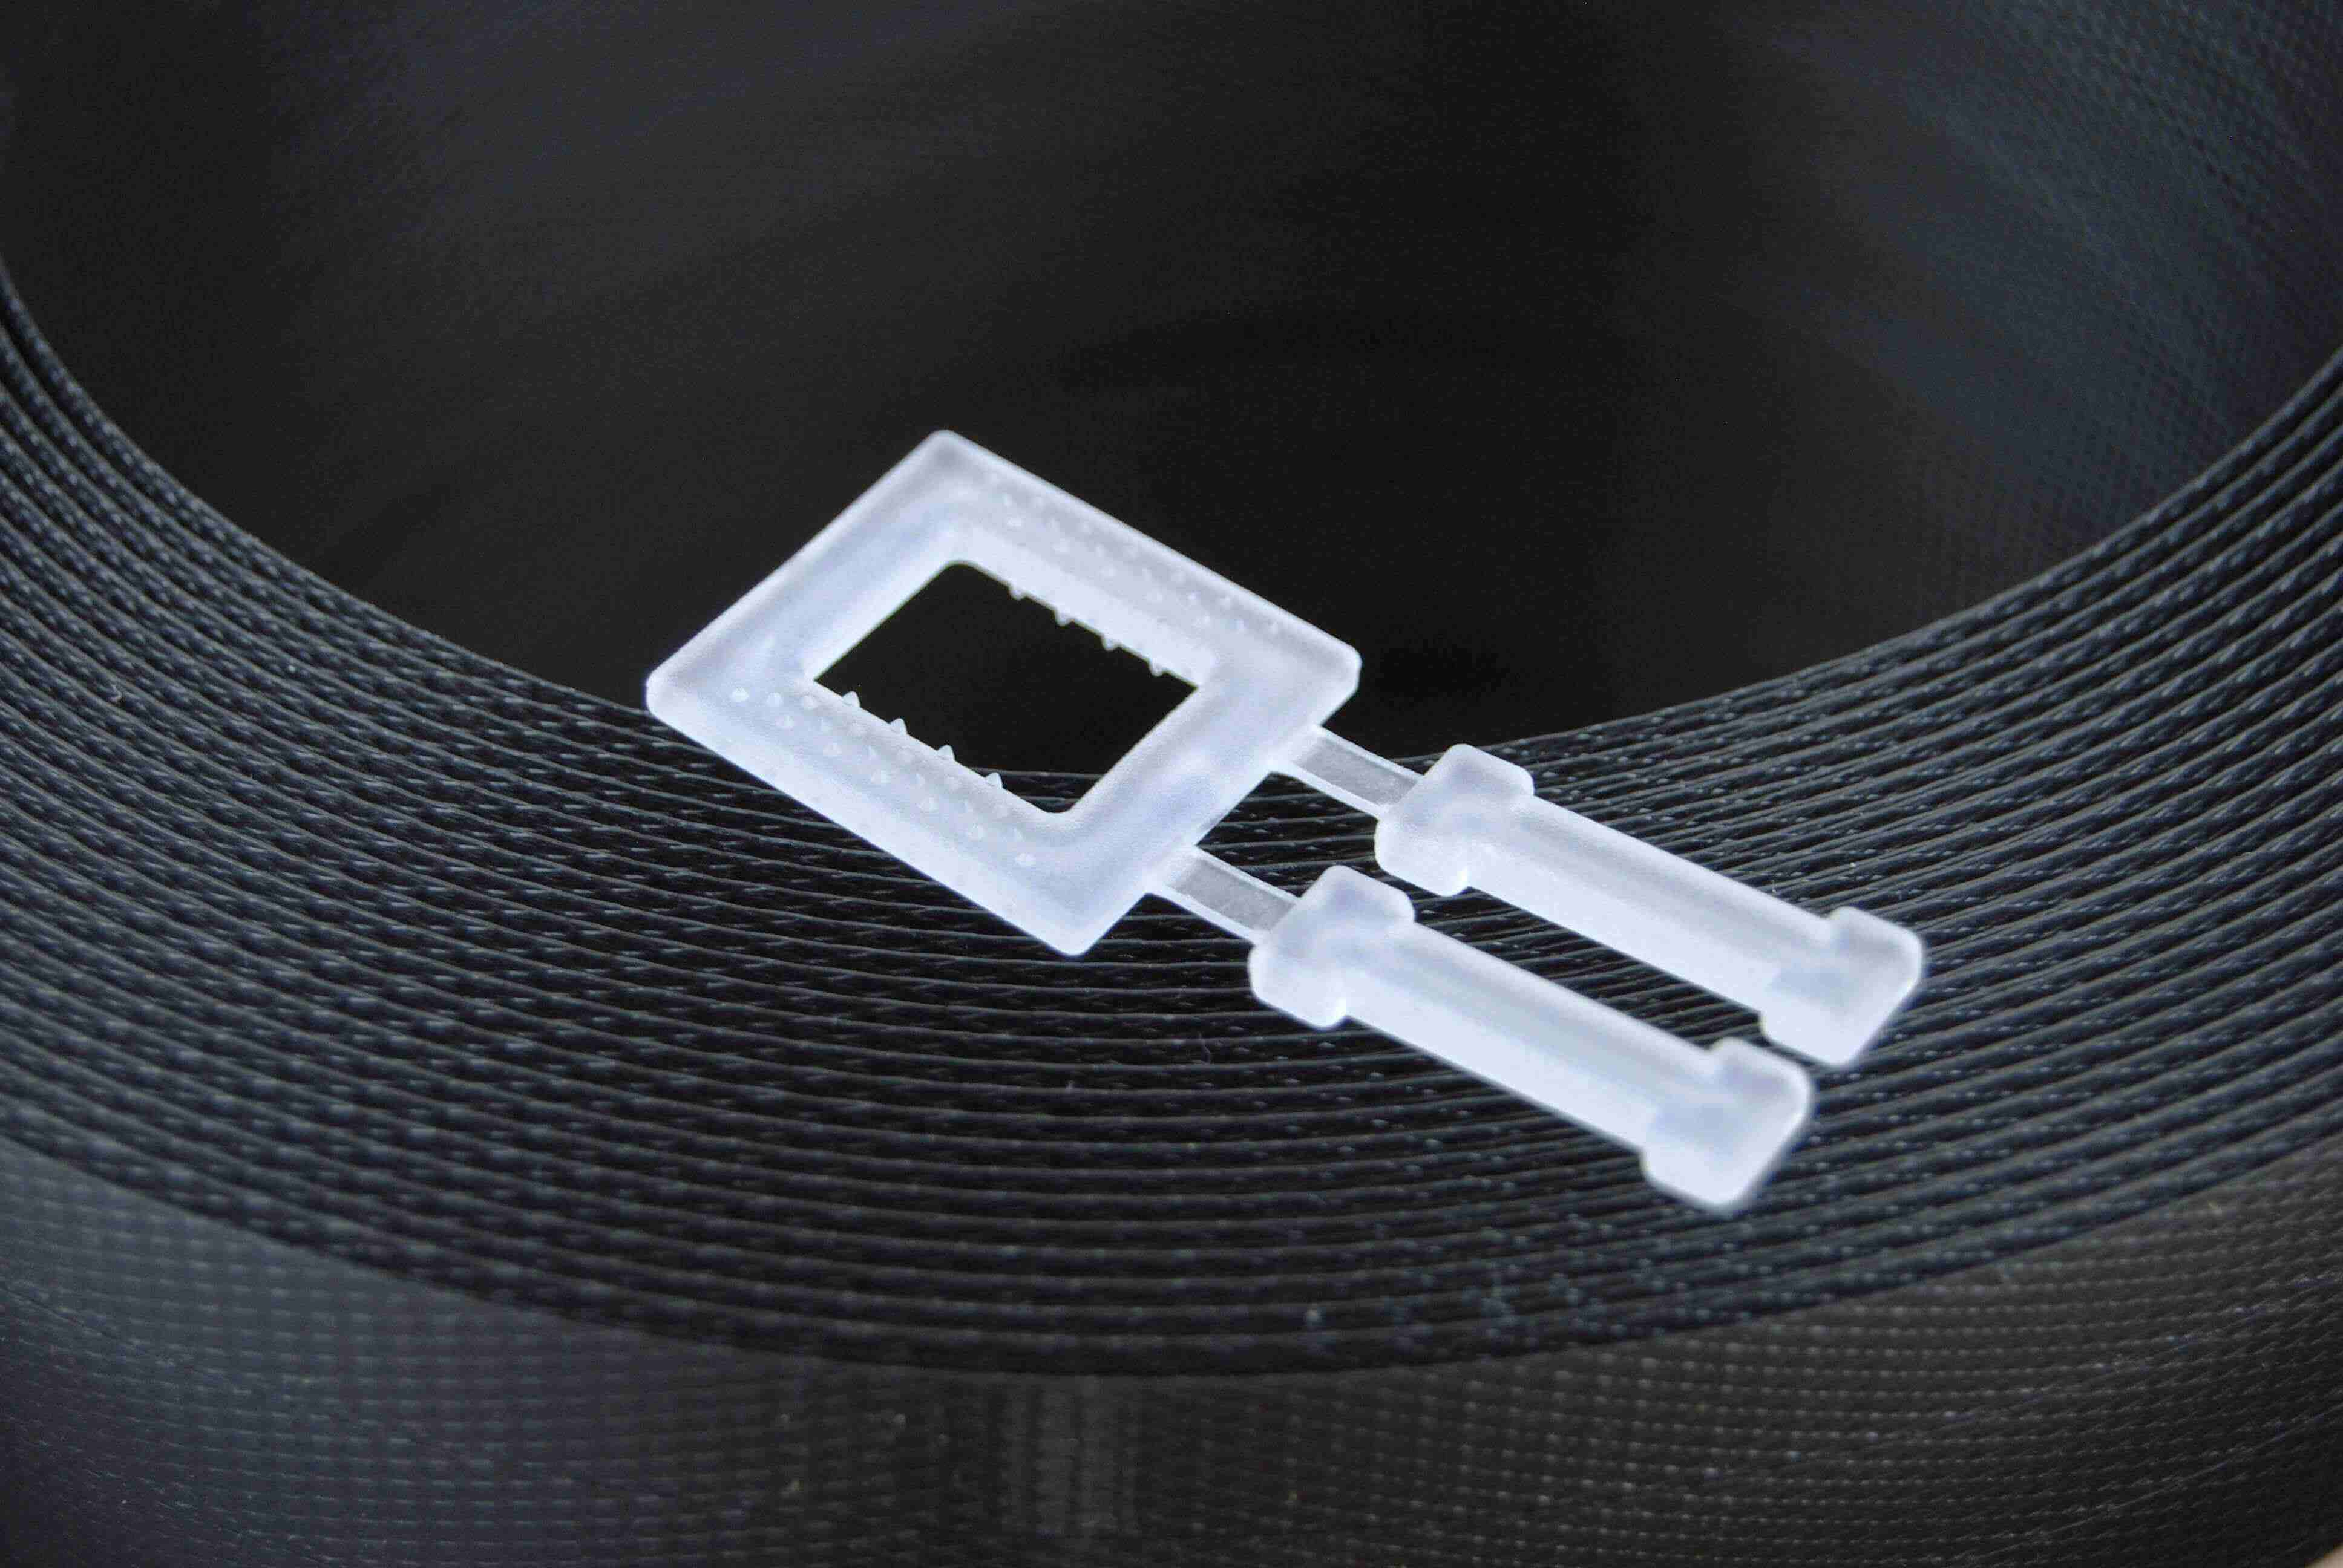 Kunststoffschnalle als Verschluss für Umreifungsbänder